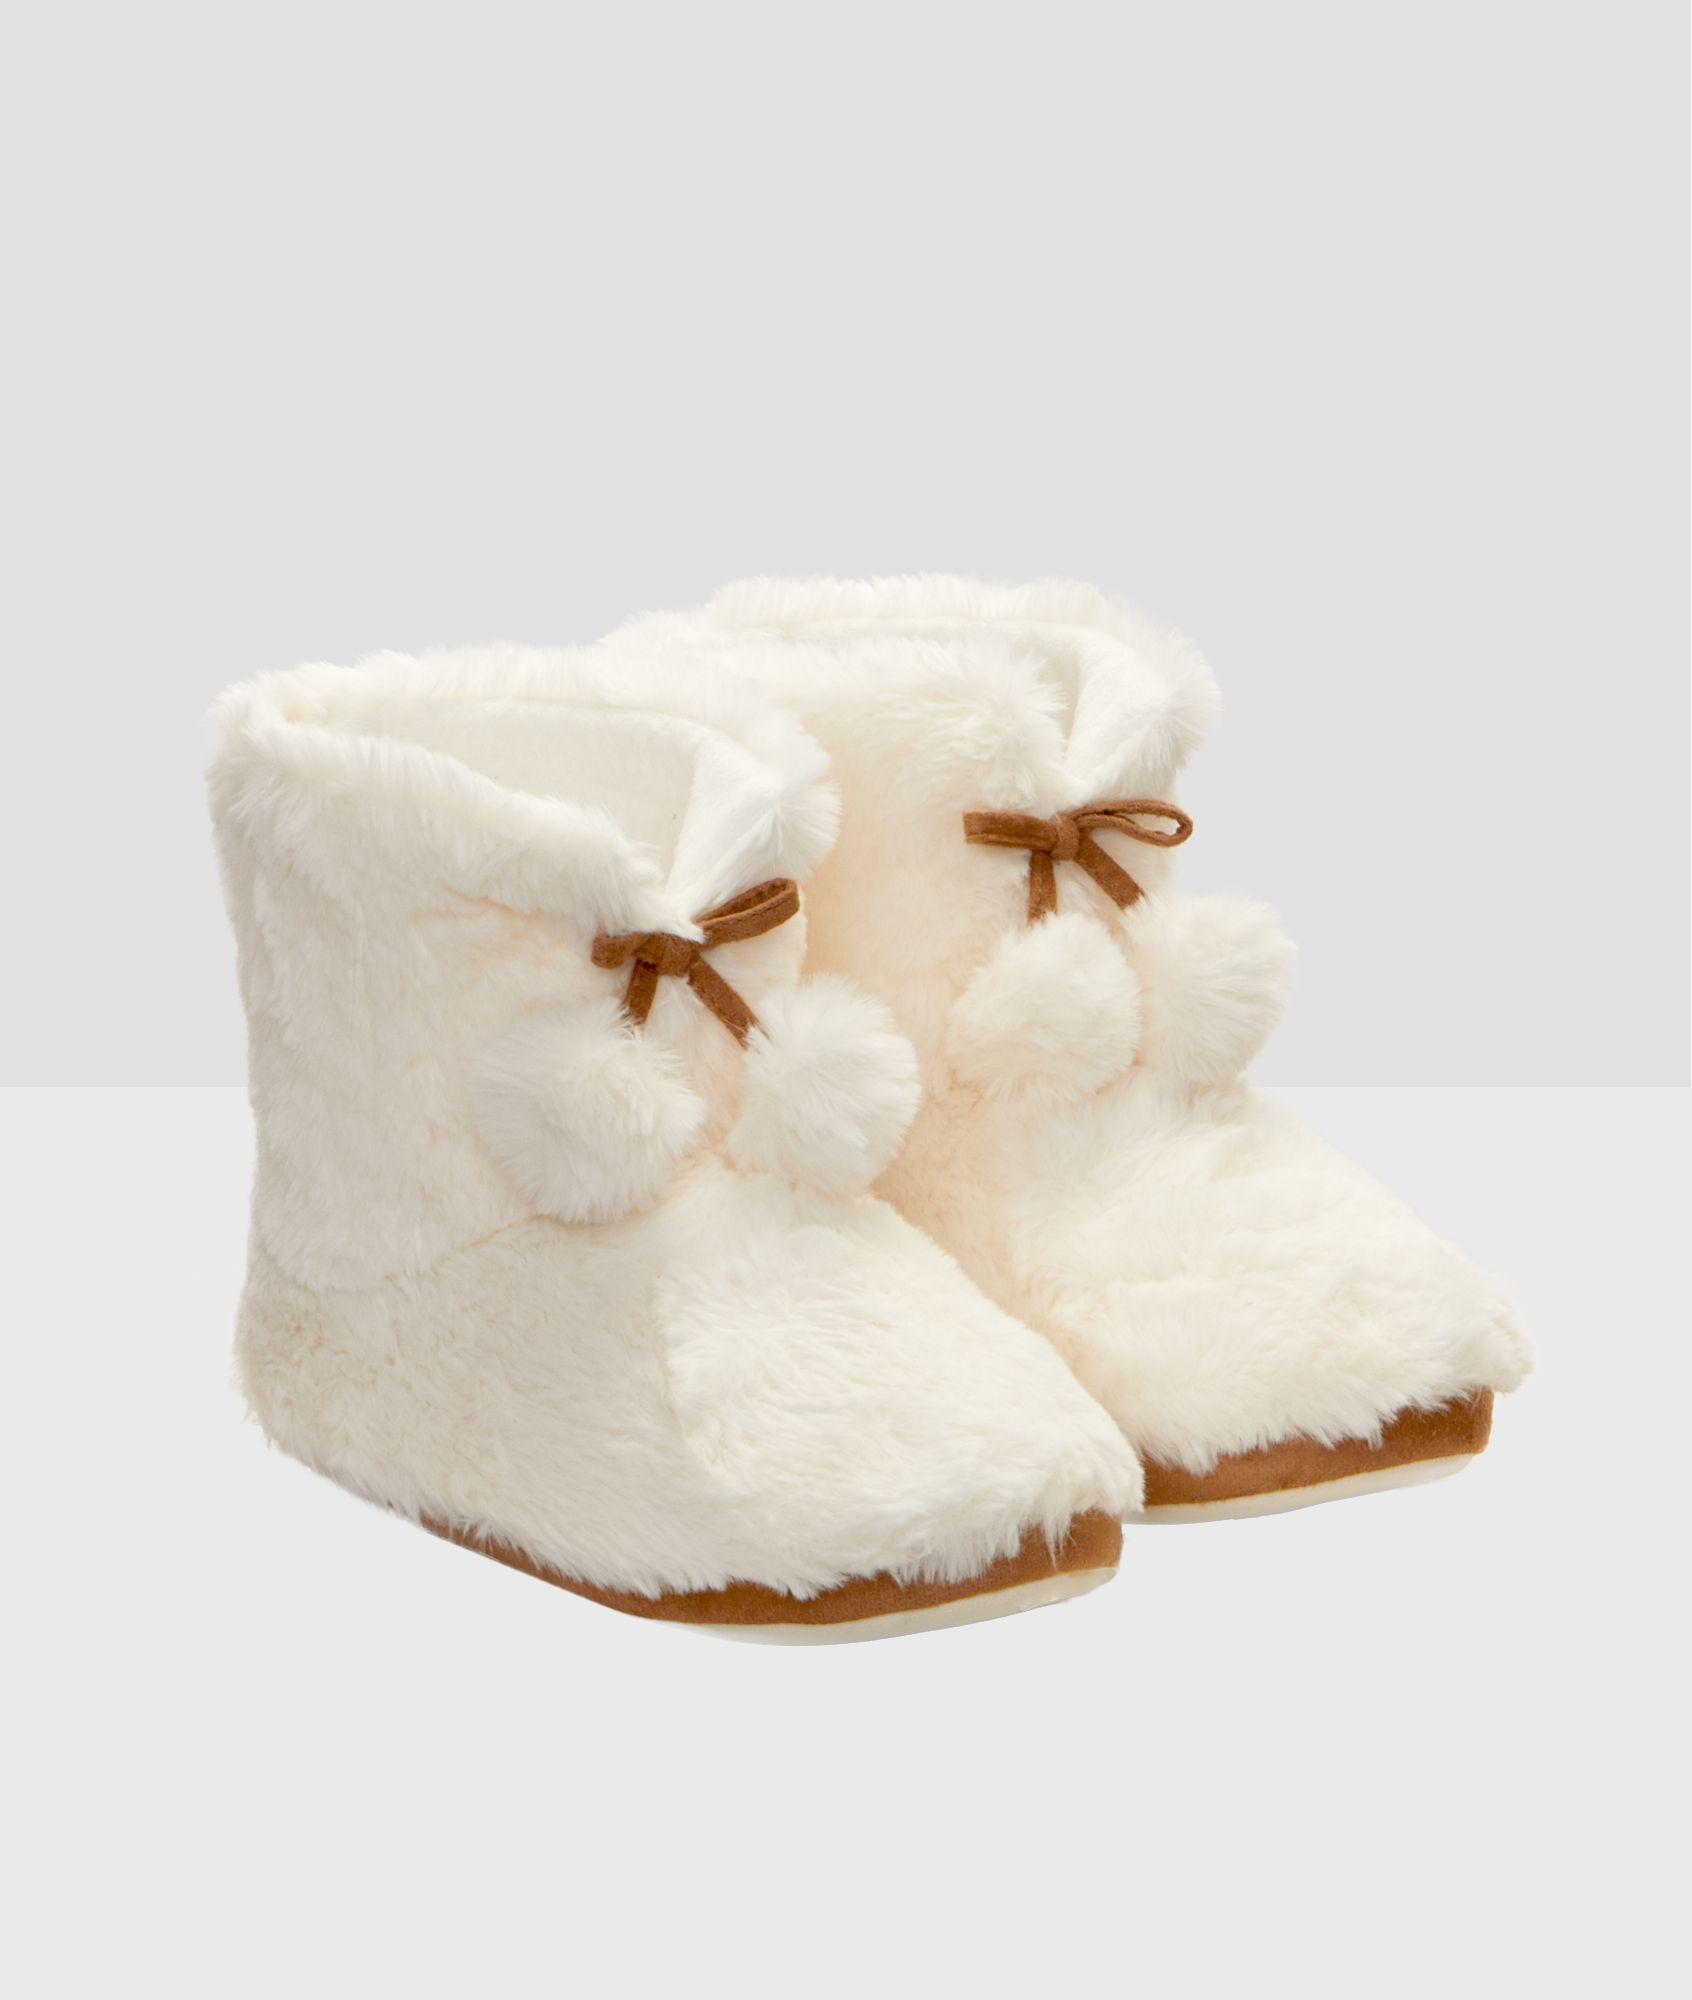 Mode Nouveau style Dessin animé Coton Chaussons L'automne Hiver Antidérapant talon de la couverture Chaussons 37# Rose pRlngki